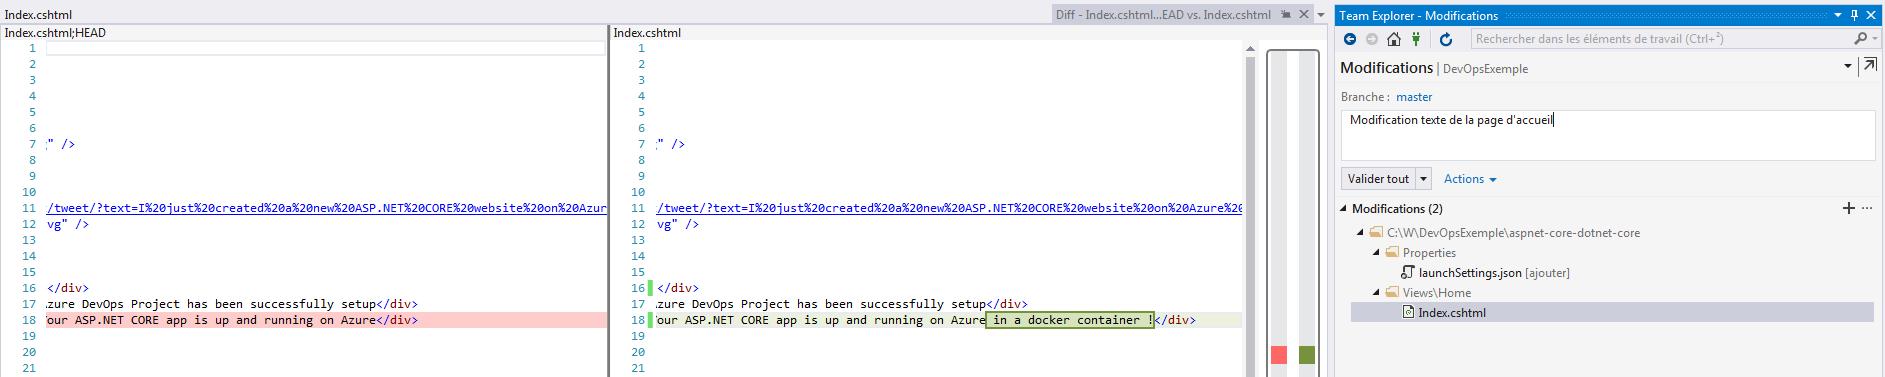 21 1 - Azure DevOps Project